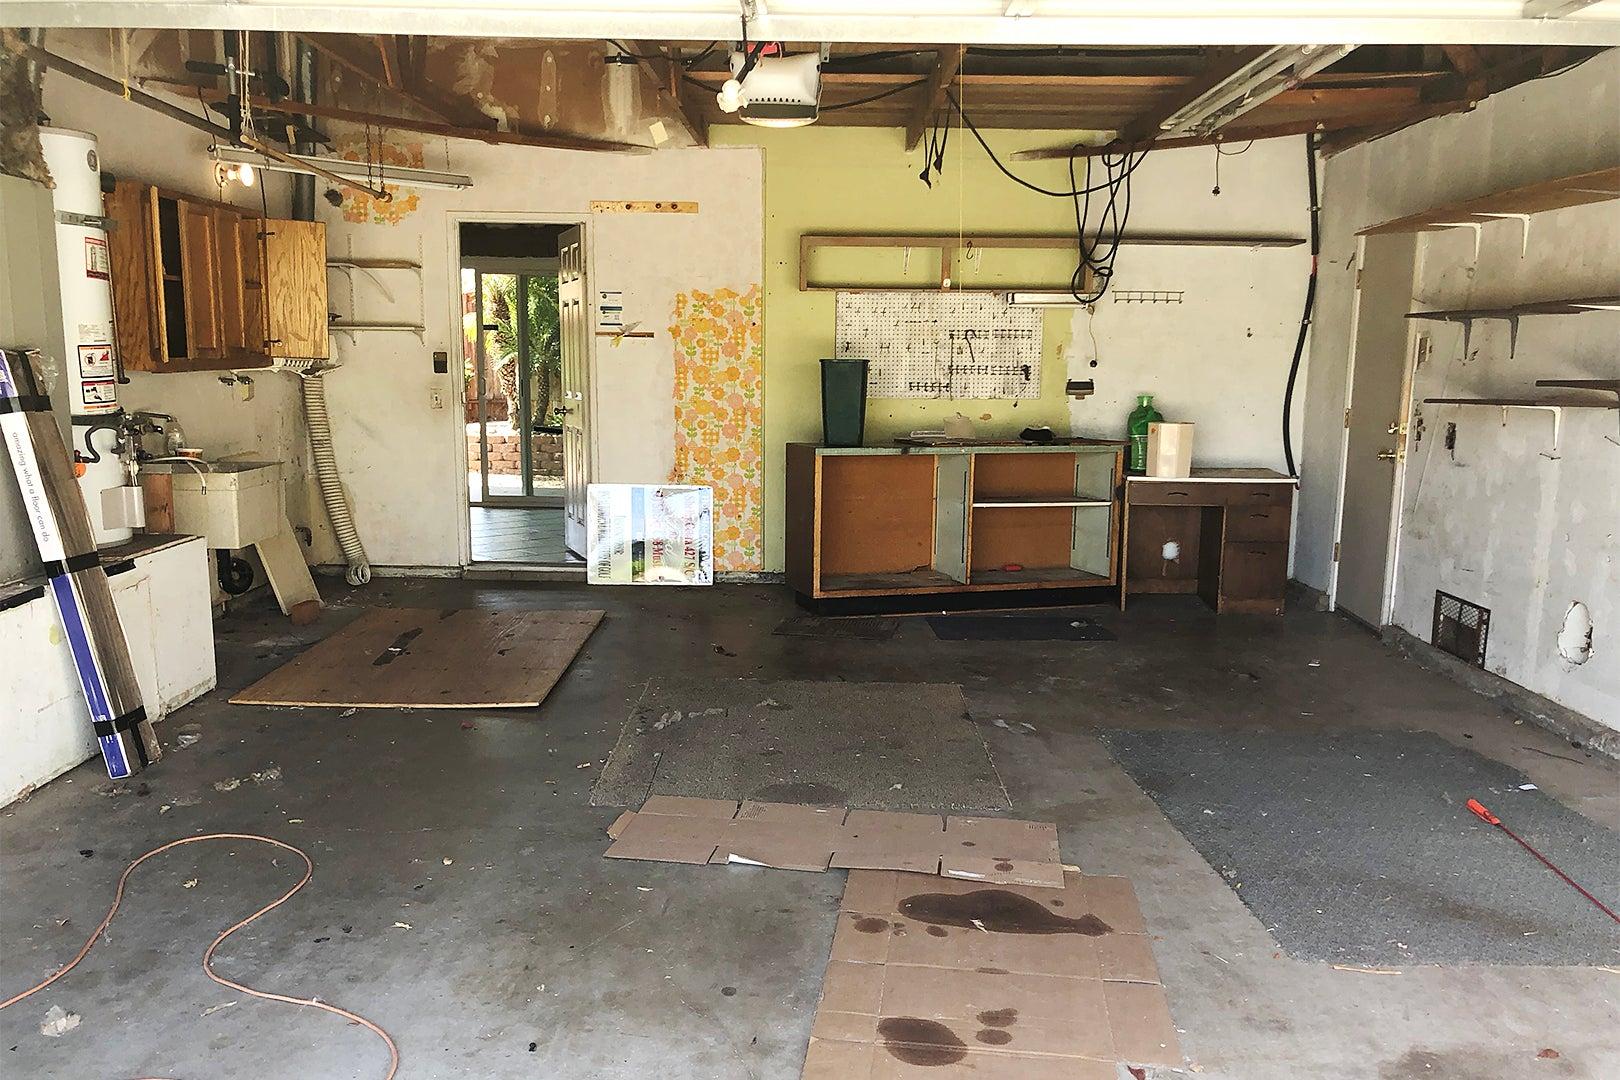 garage with scraps on floor